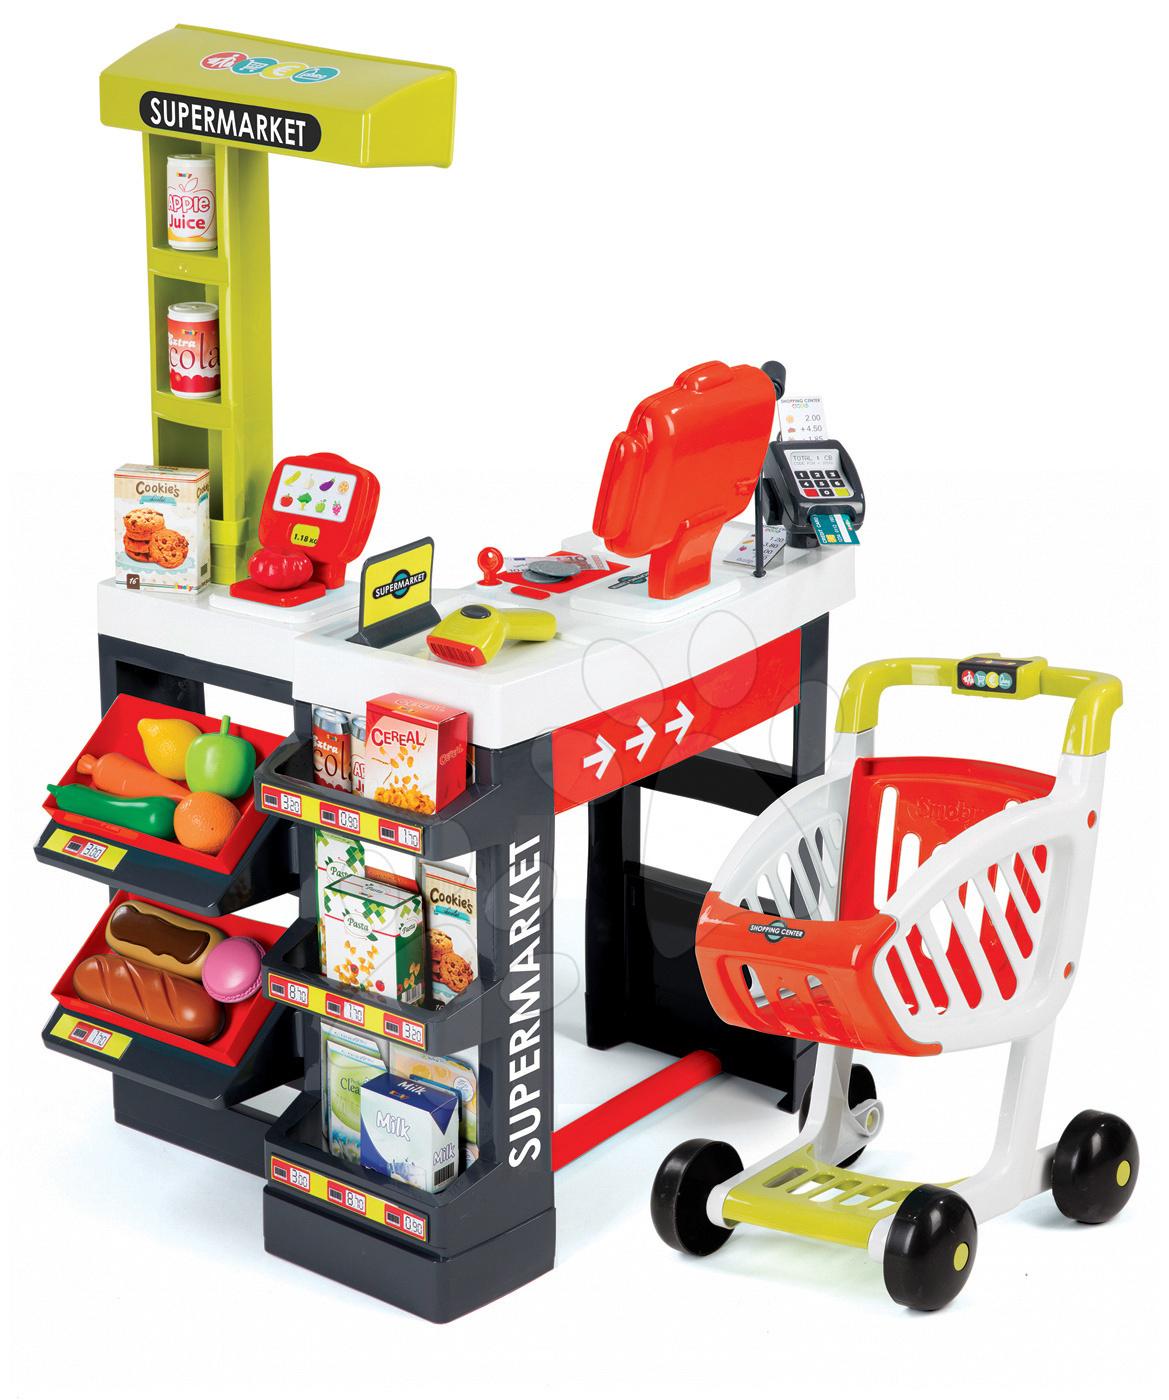 Smoby detský supermarket s váhou a pokladňou 350210